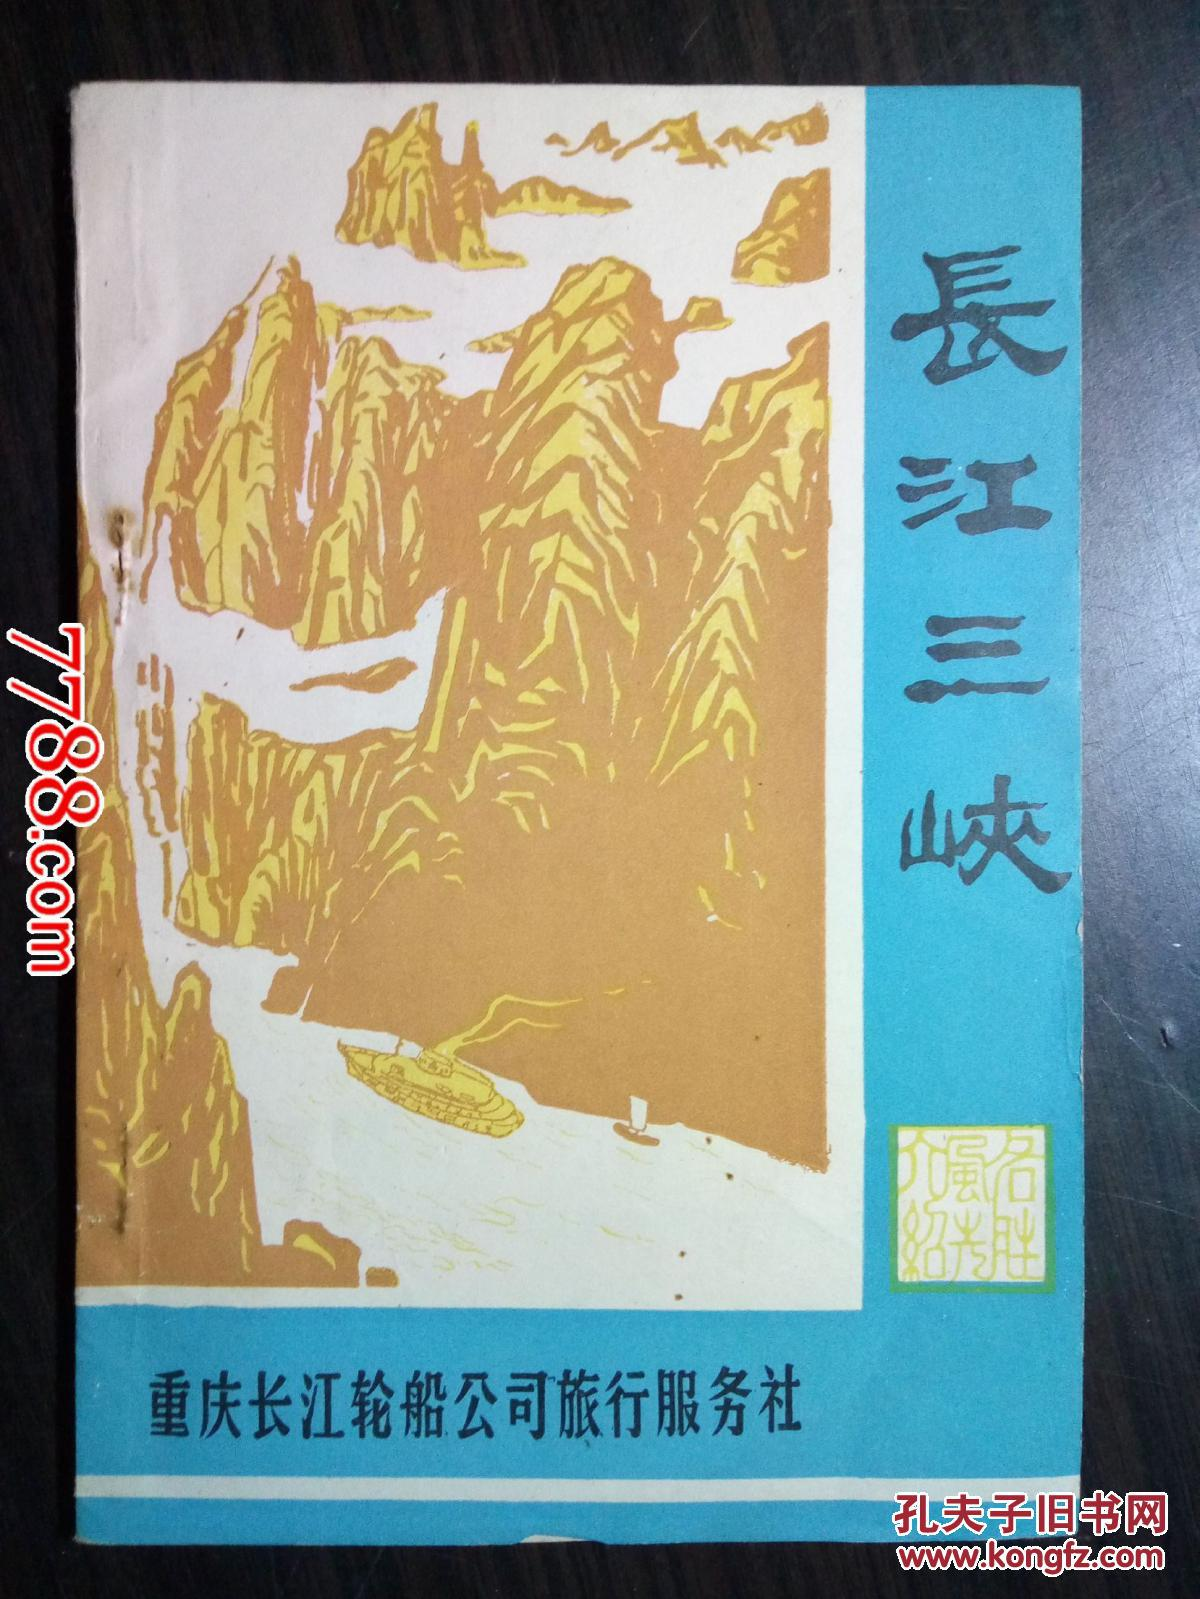 名胜风光介绍:长江三峡---重庆长江轮船公司旅行服务社